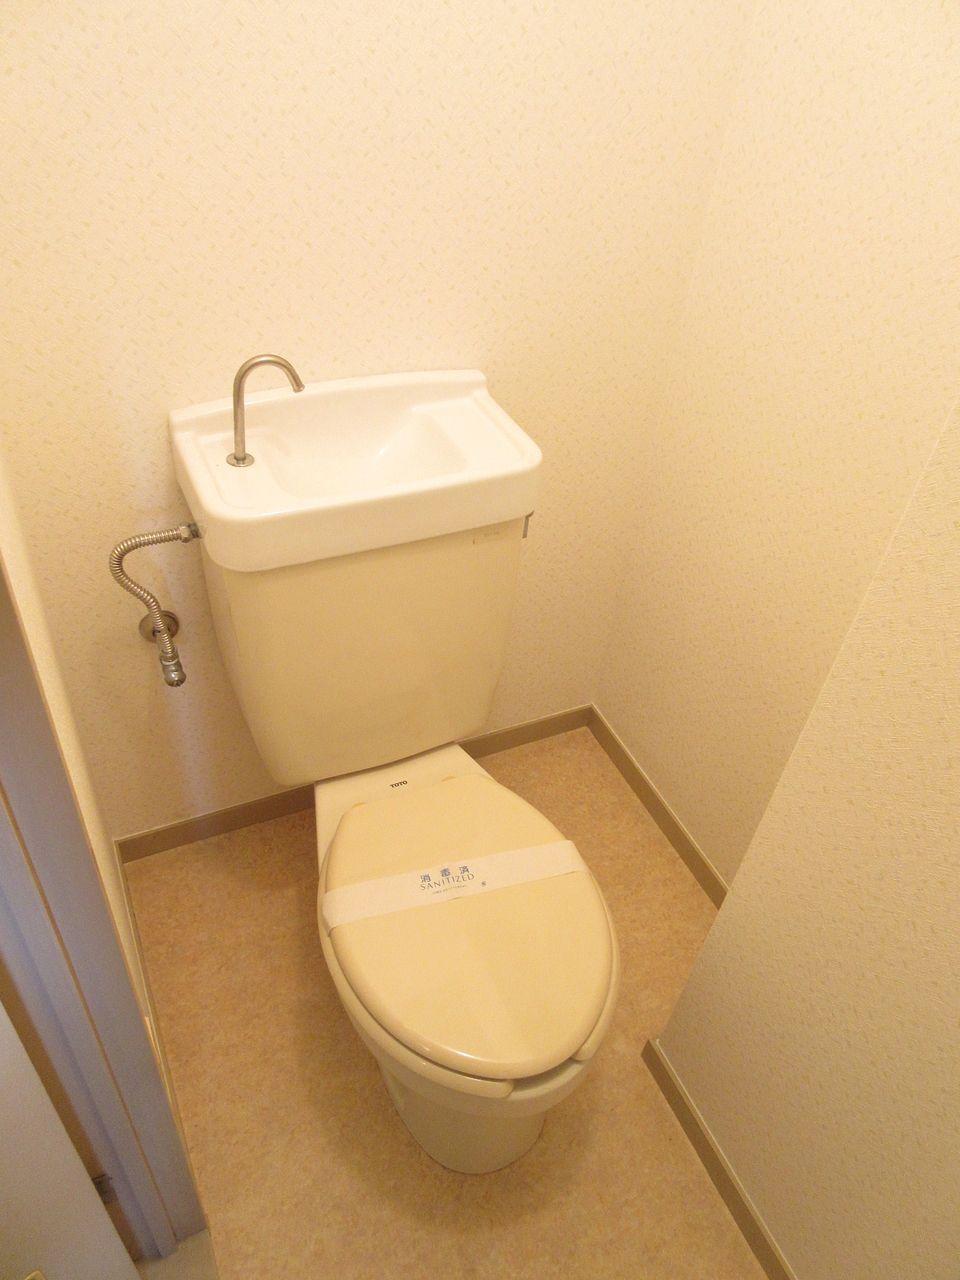 トイレ内にはコンセントがあるので、ウォシュレットが設置できます